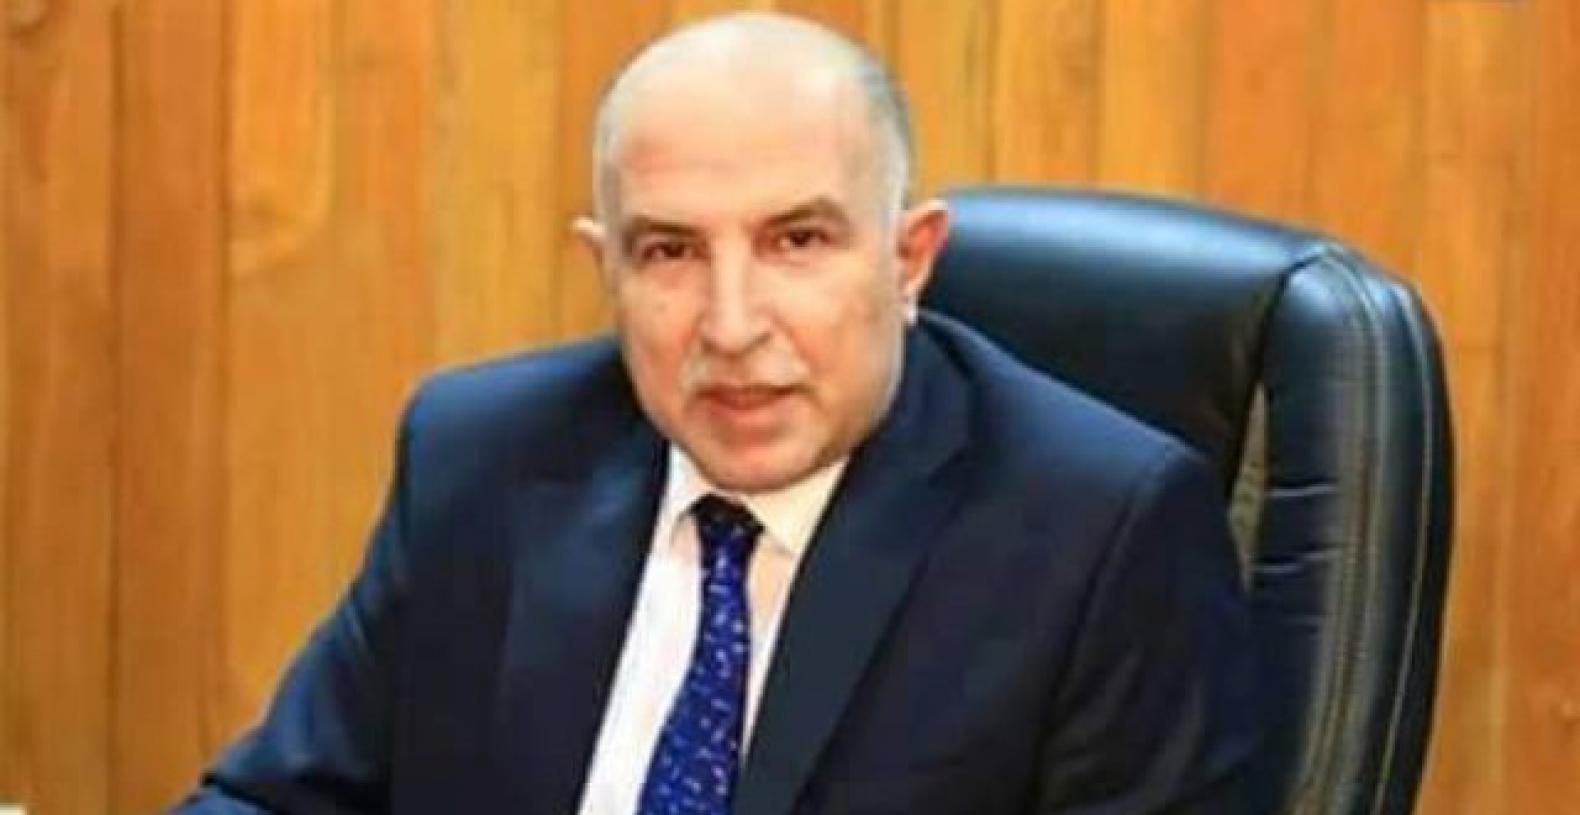 توجه نيابي لاستجواب محافظ نينوى نوفل العاكوب واقالته بتهم الفساد والتقصير